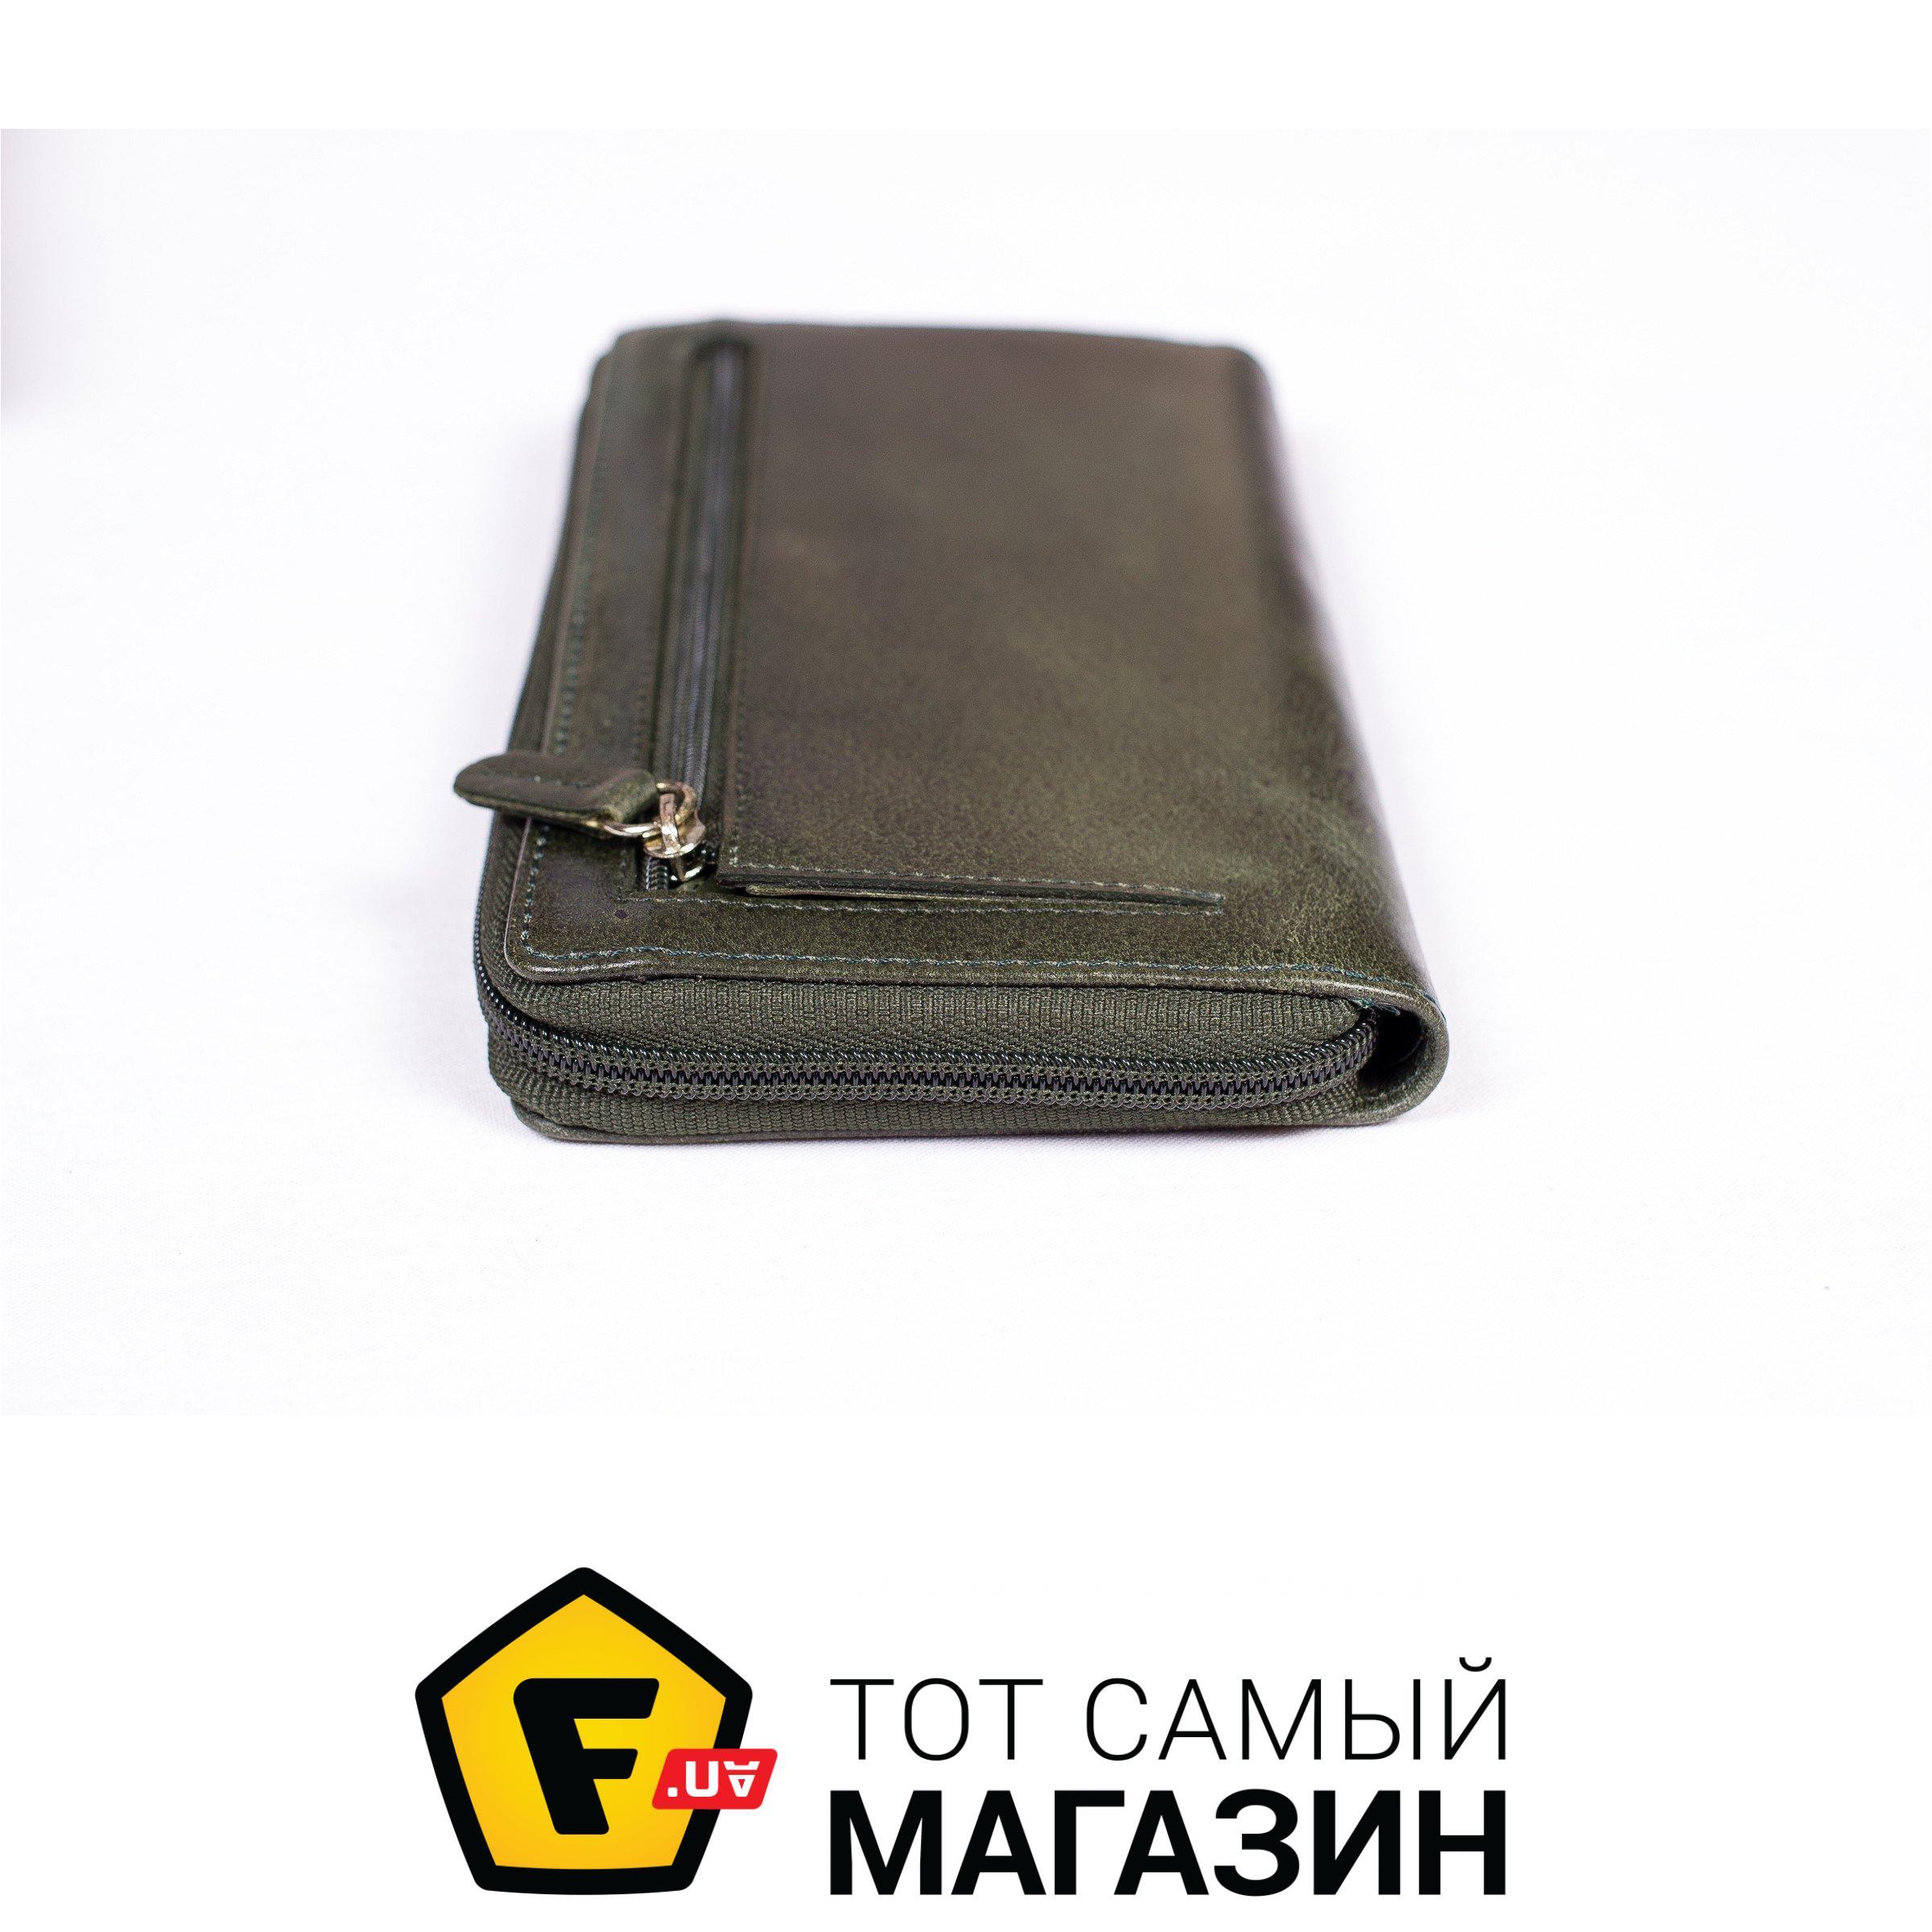 345fcfecb ᐈ Кошелек Baldinini Женский Темно-Зеленый (HB77238) ~ Купить? ЦЕНА ...